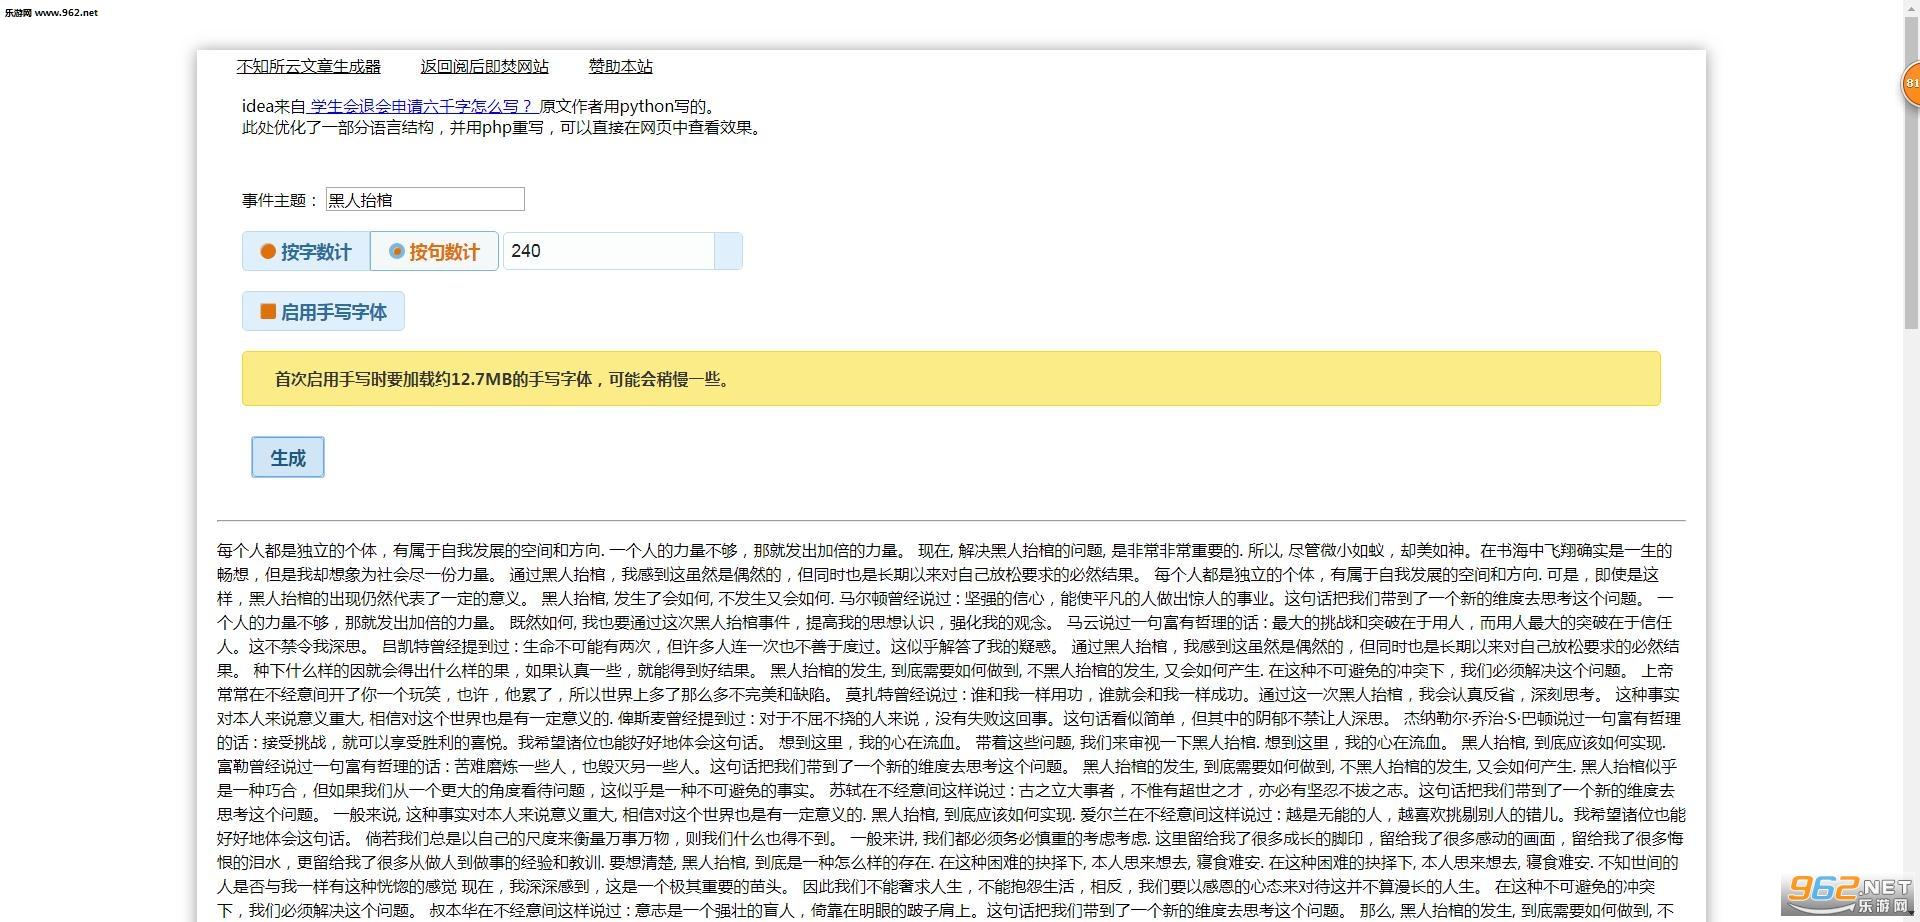 不知所云生成器v1.0 网页版_截图2